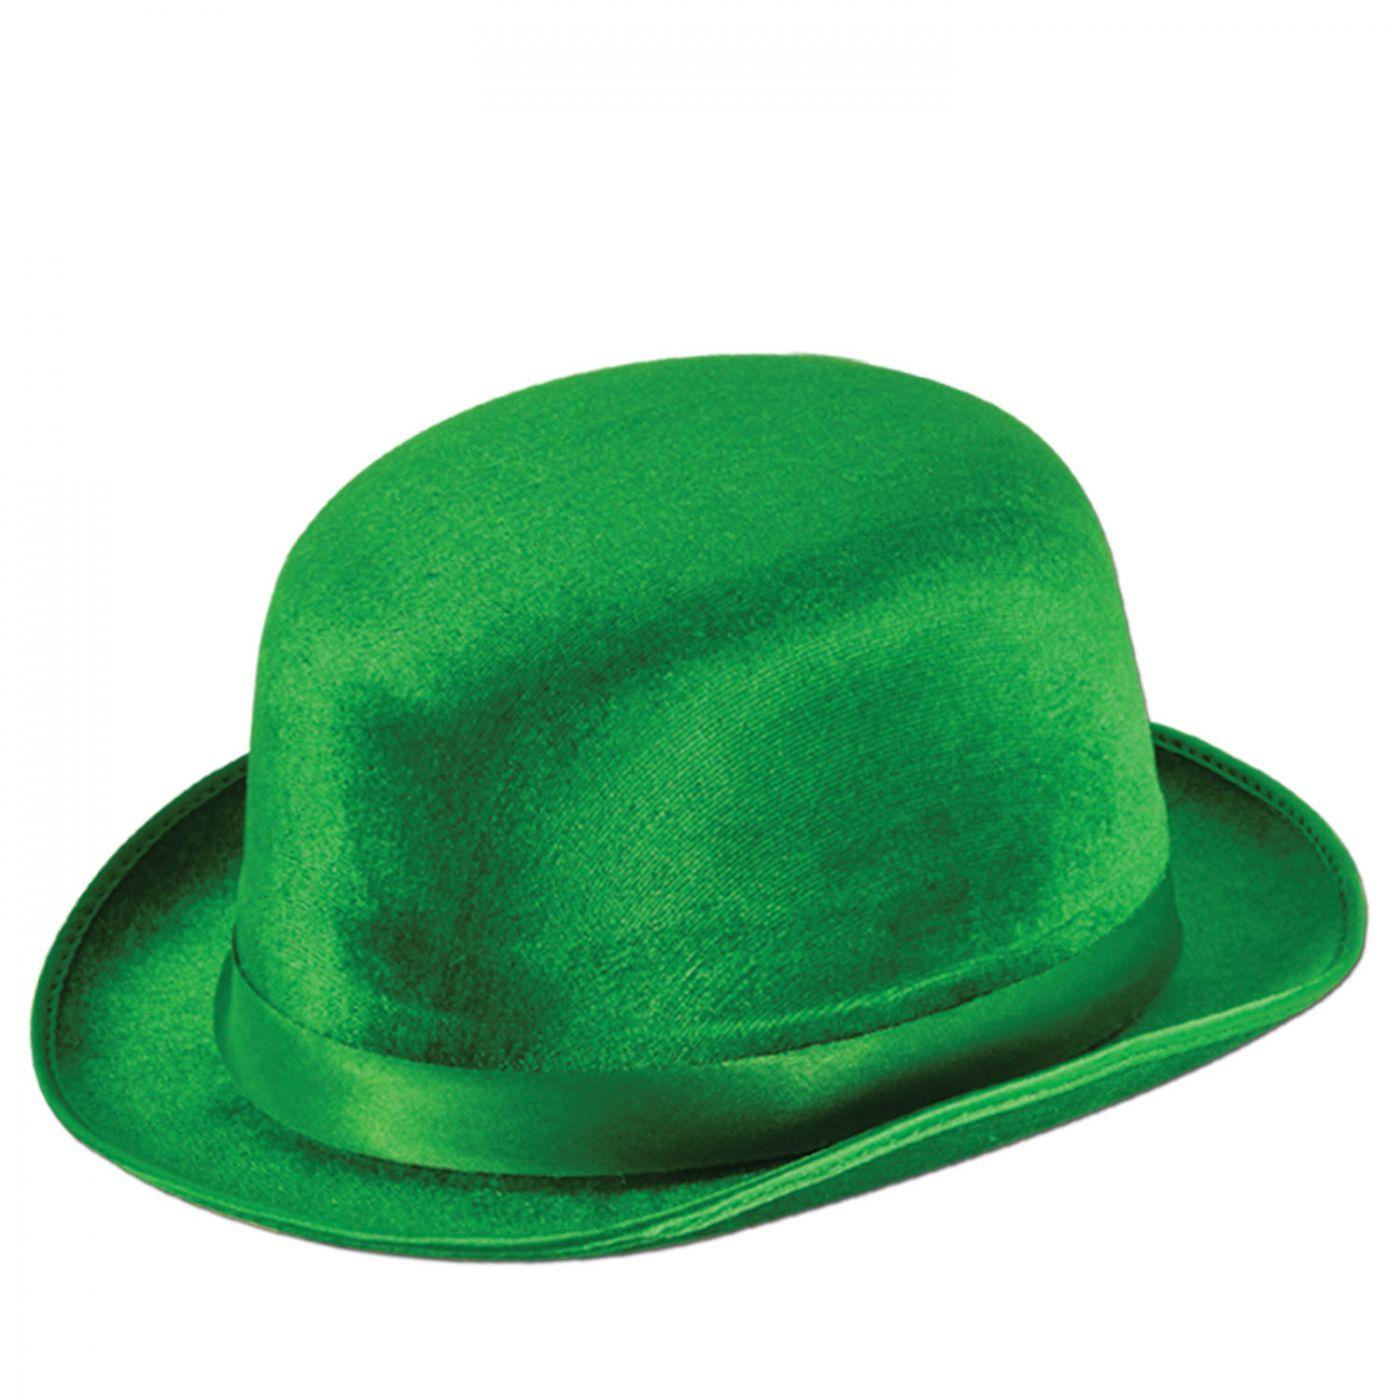 Green Vel-Felt Derby image